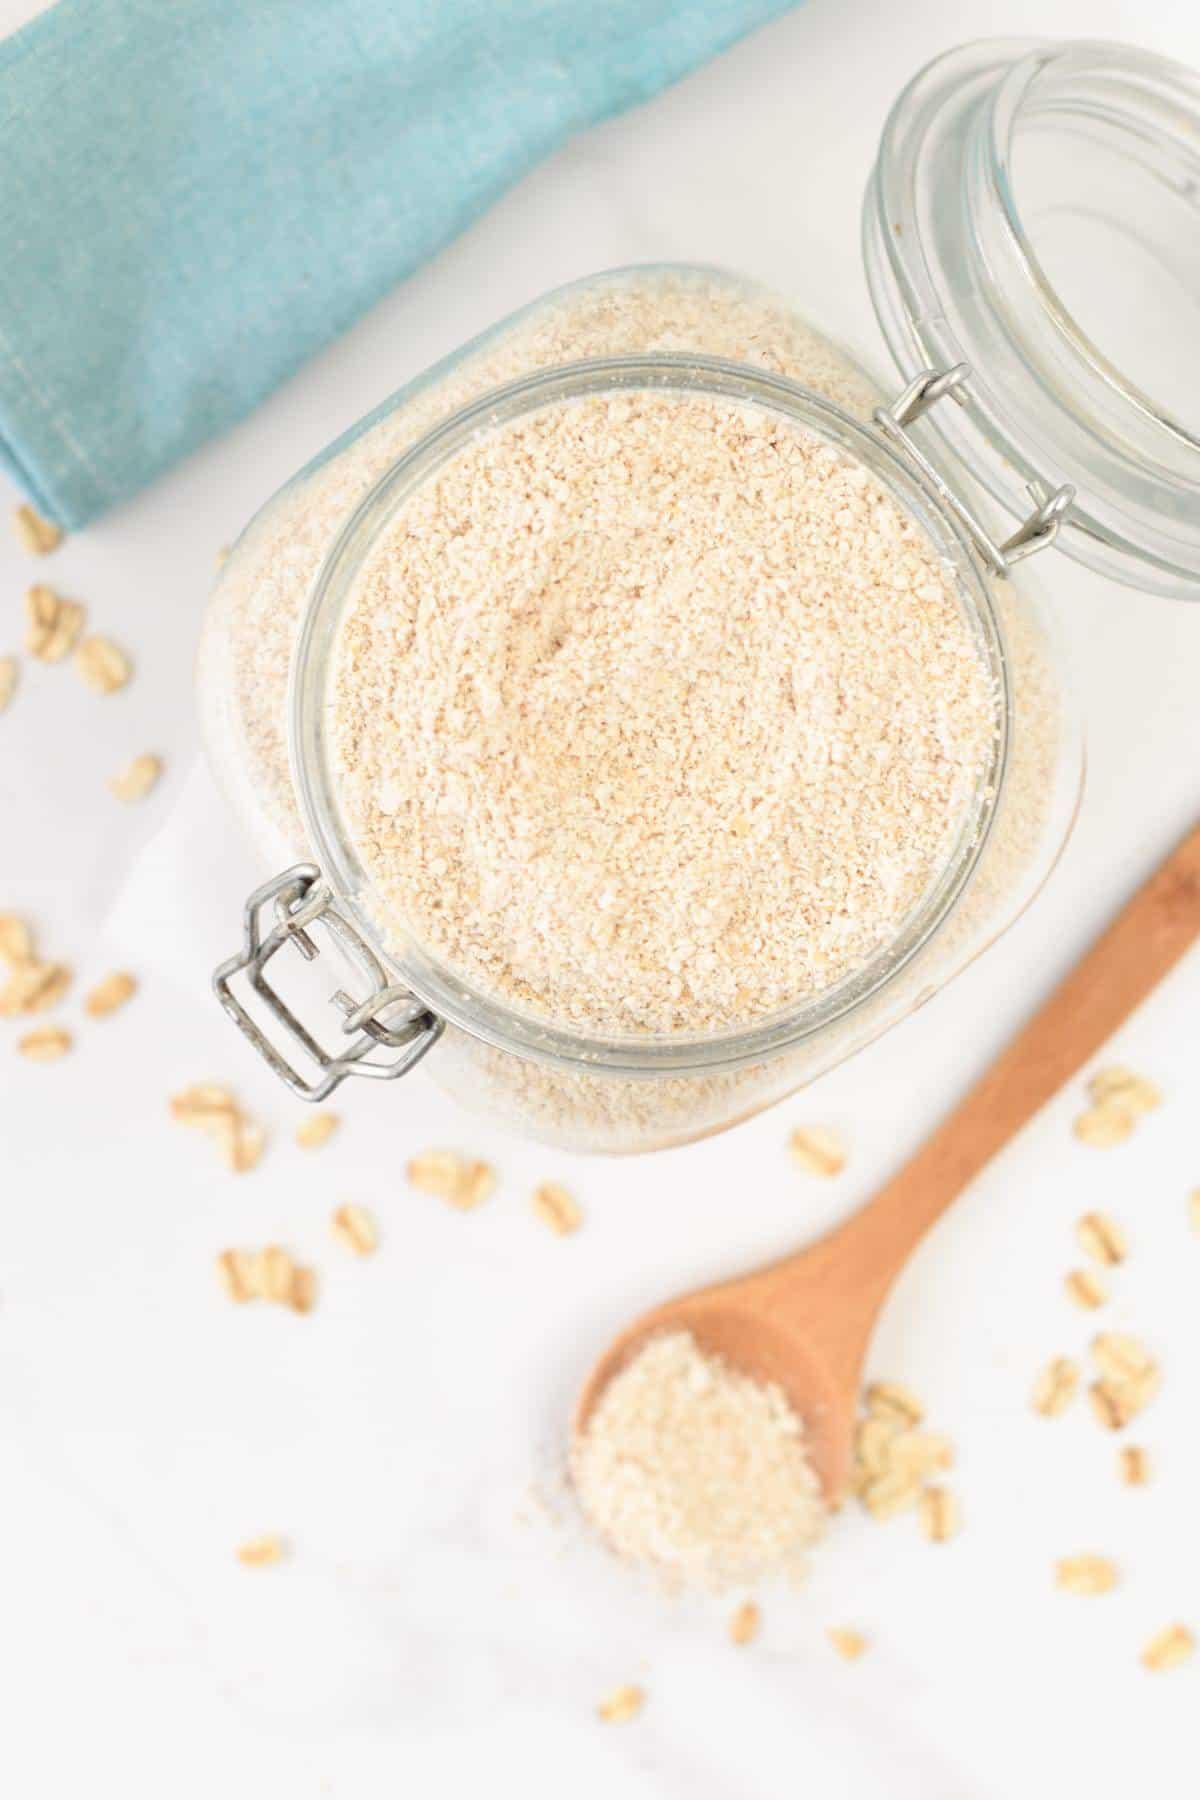 Is oat flour healthy?